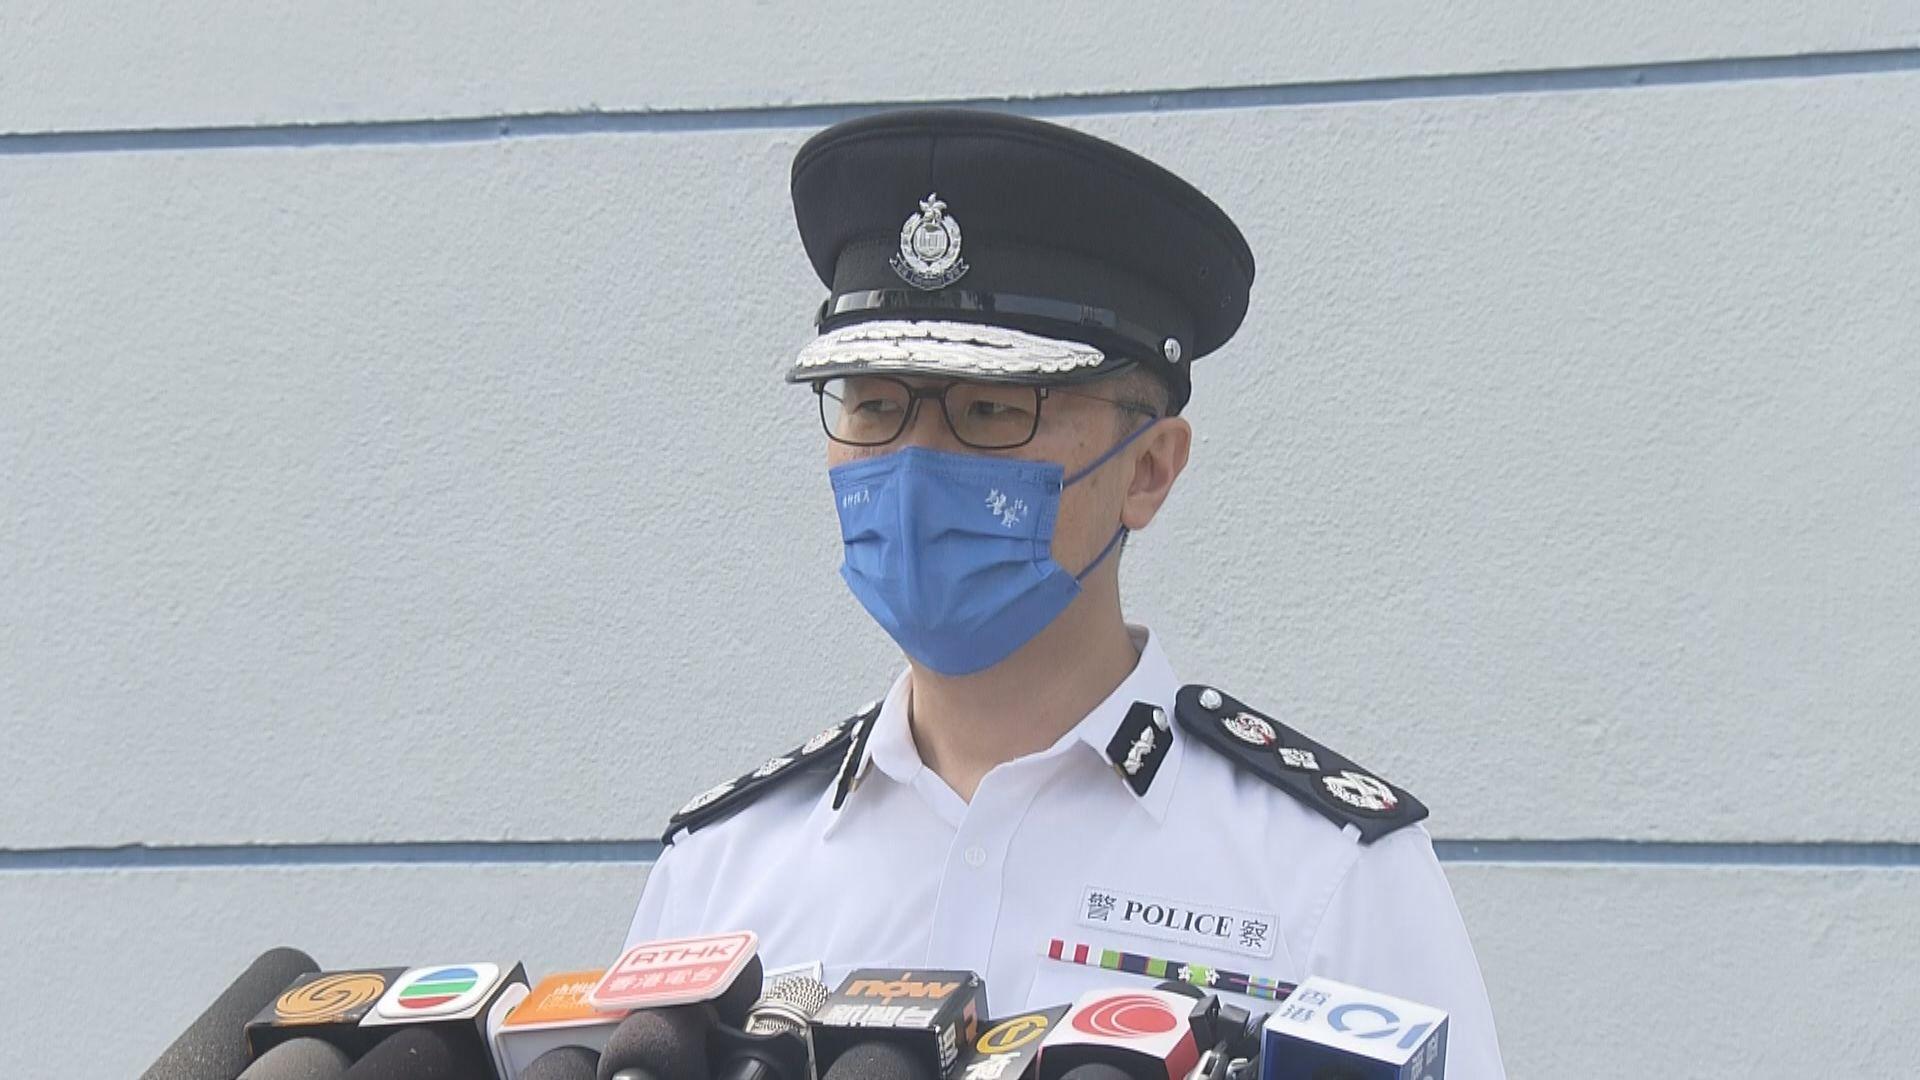 蕭澤頤批支聯會做抗爭騷 稱不要自我催眠沒違法